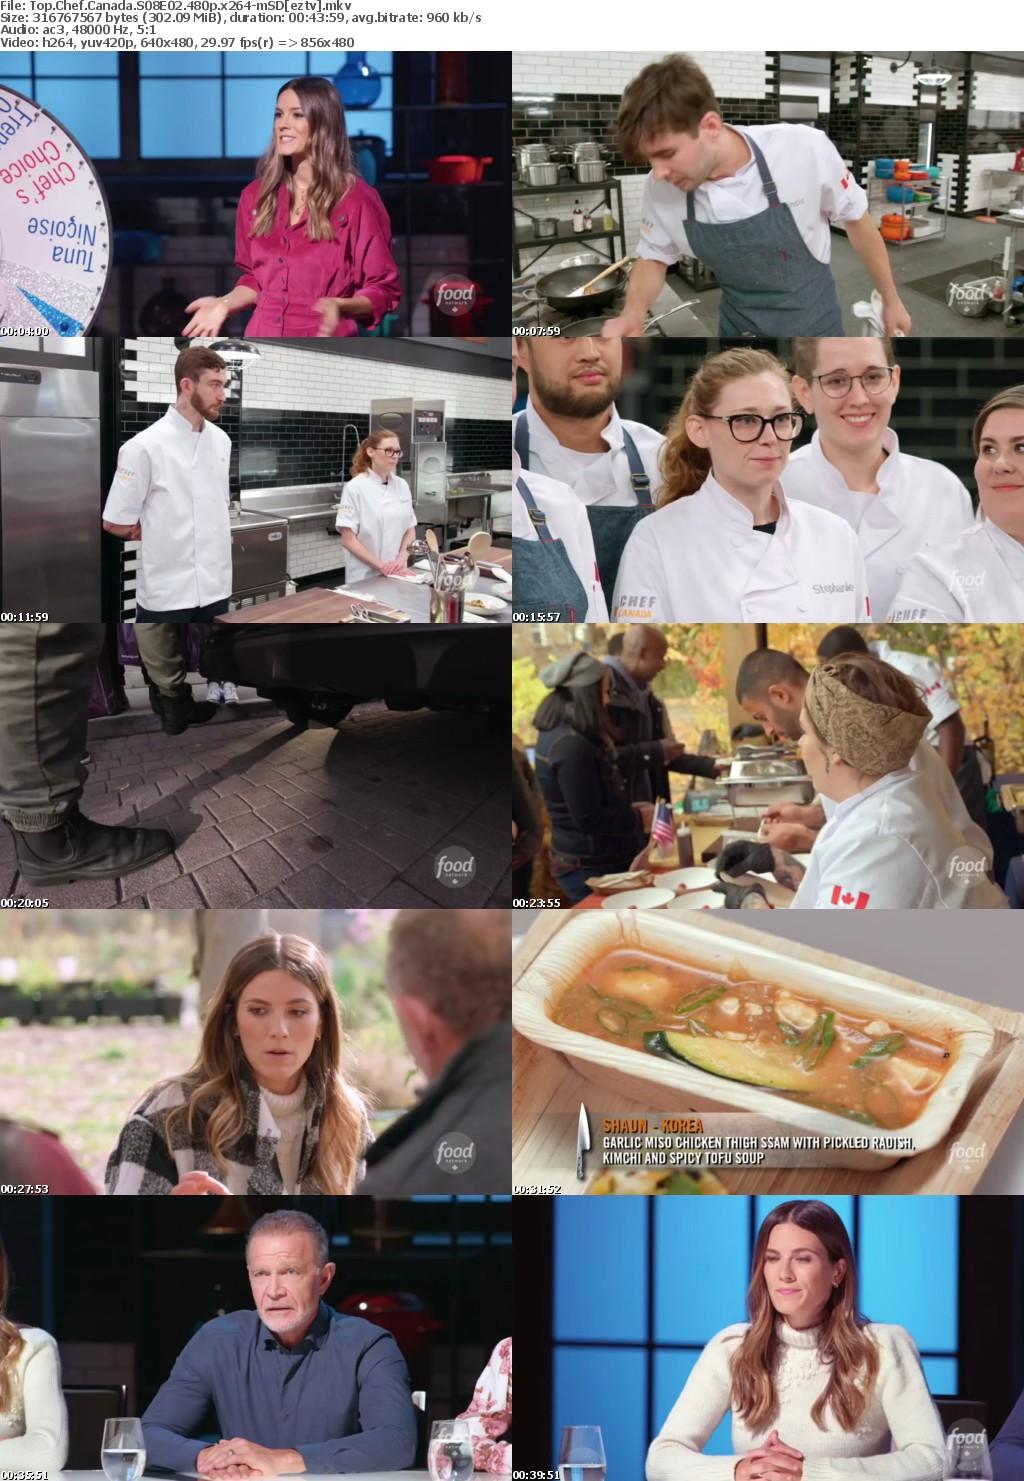 Top Chef Canada S08E02 480p x264-mSD